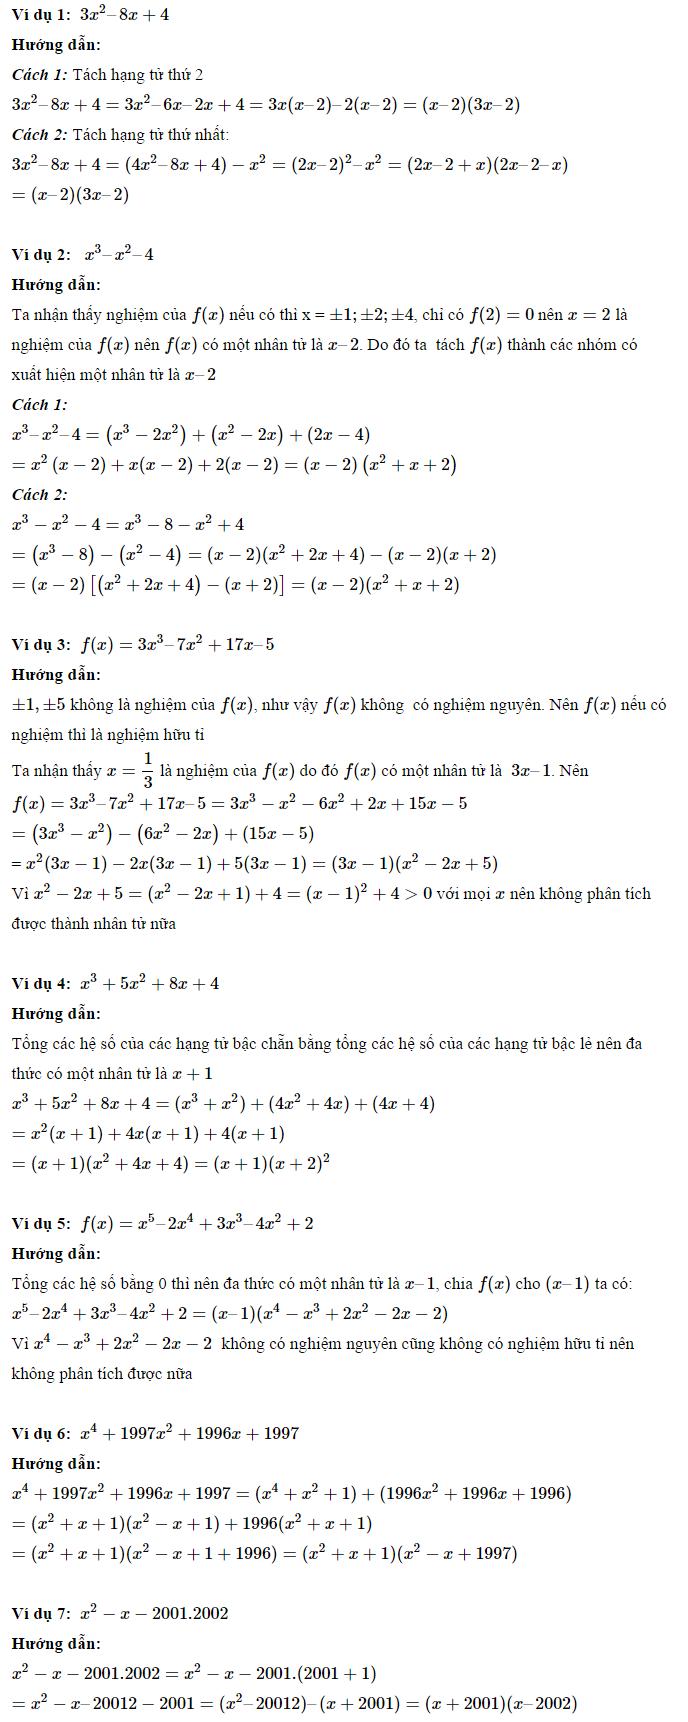 Phương pháp phân tích đa thức thành nhân tử - Toán 8-2